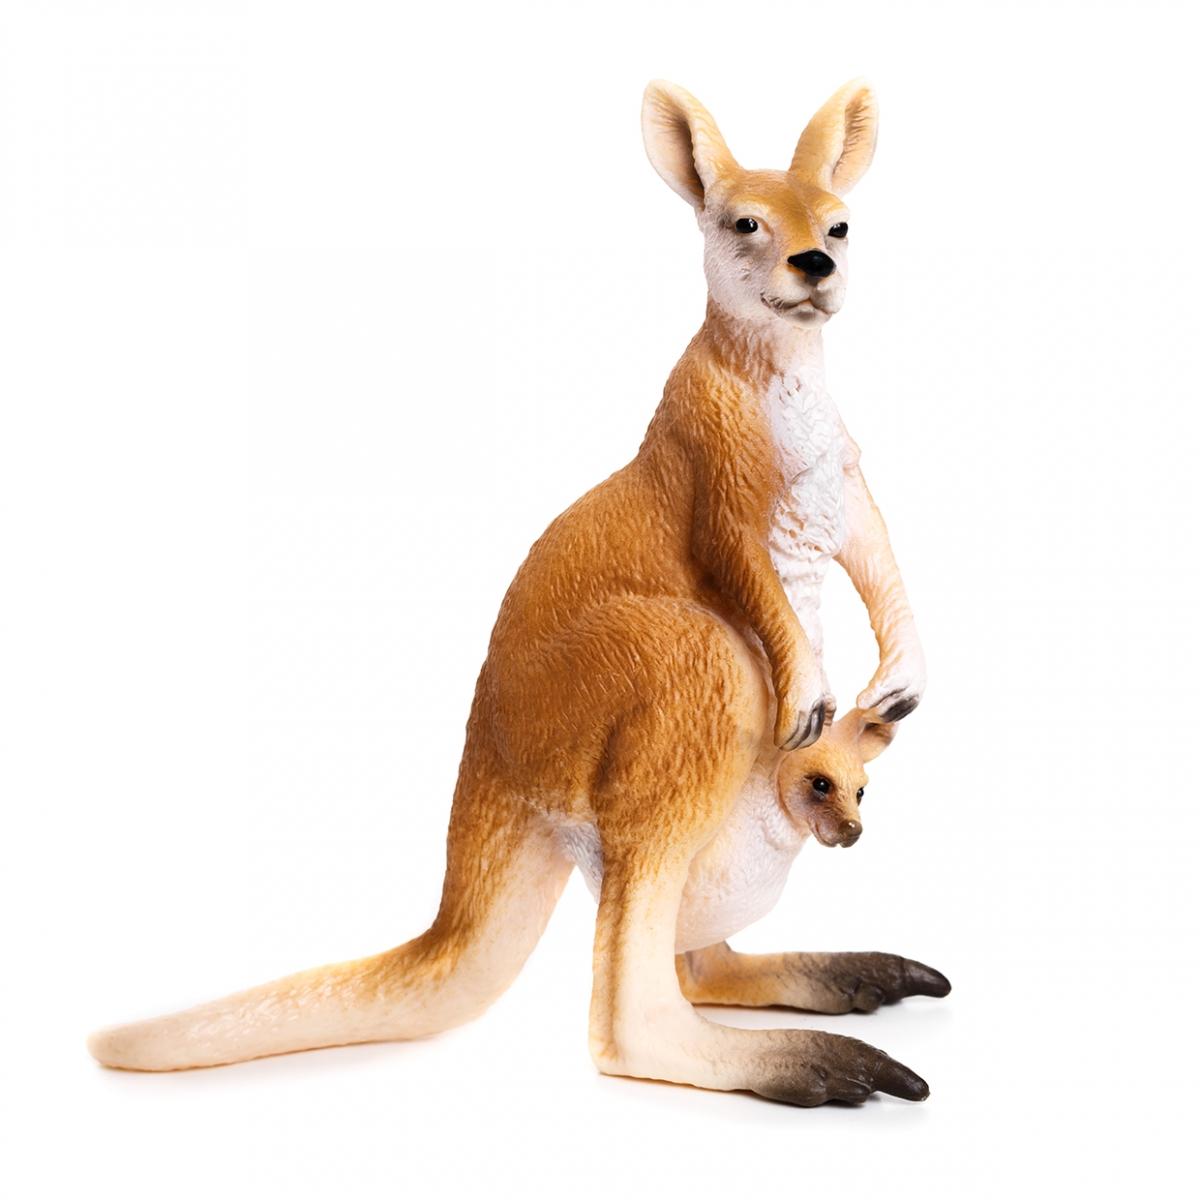 Imagen de un canguro